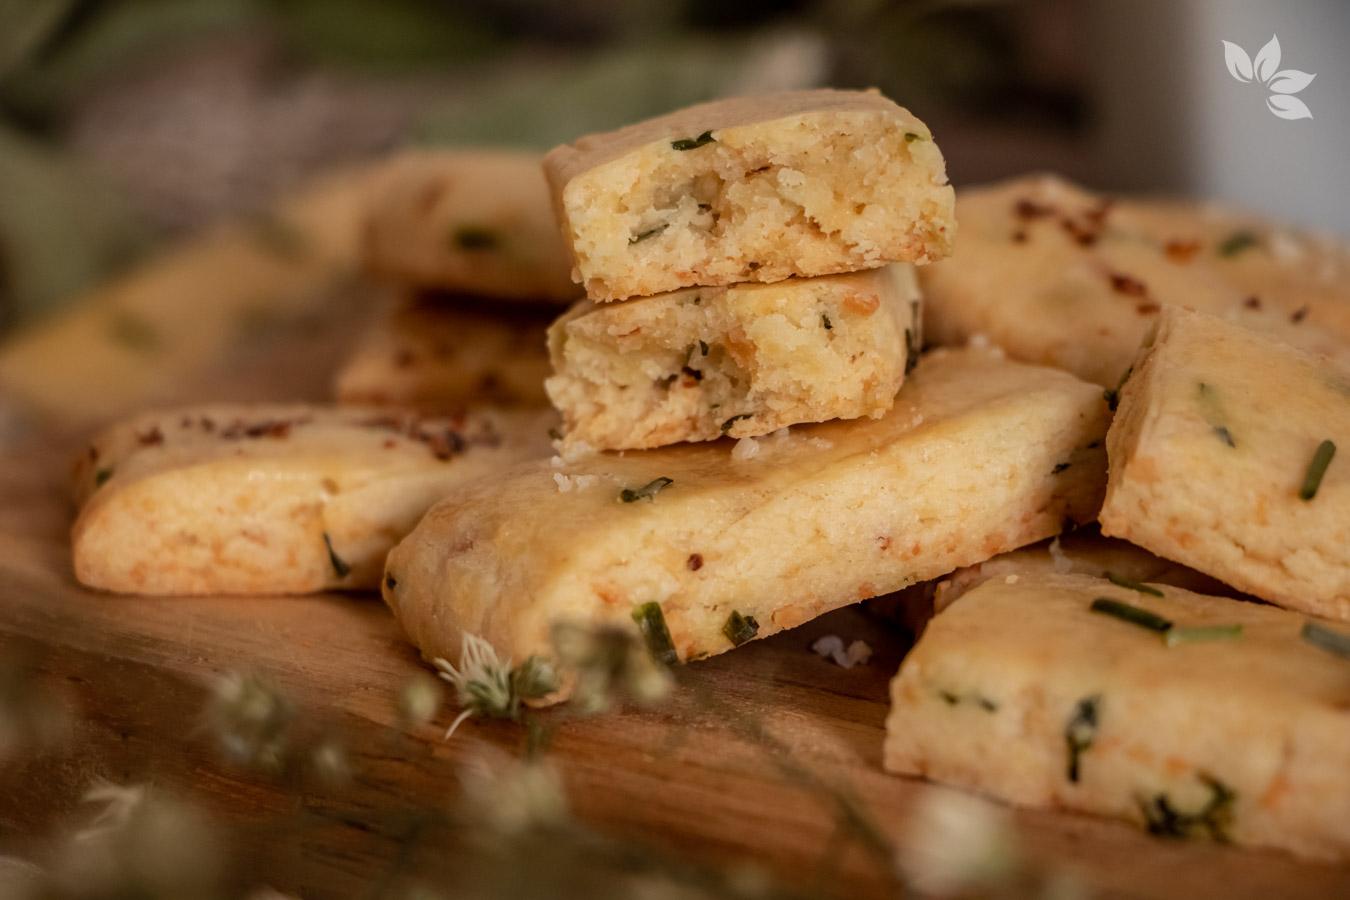 Receita de Biscoito de Parmesão com Cebolinha - Shortbread de parmesão com cebolinha